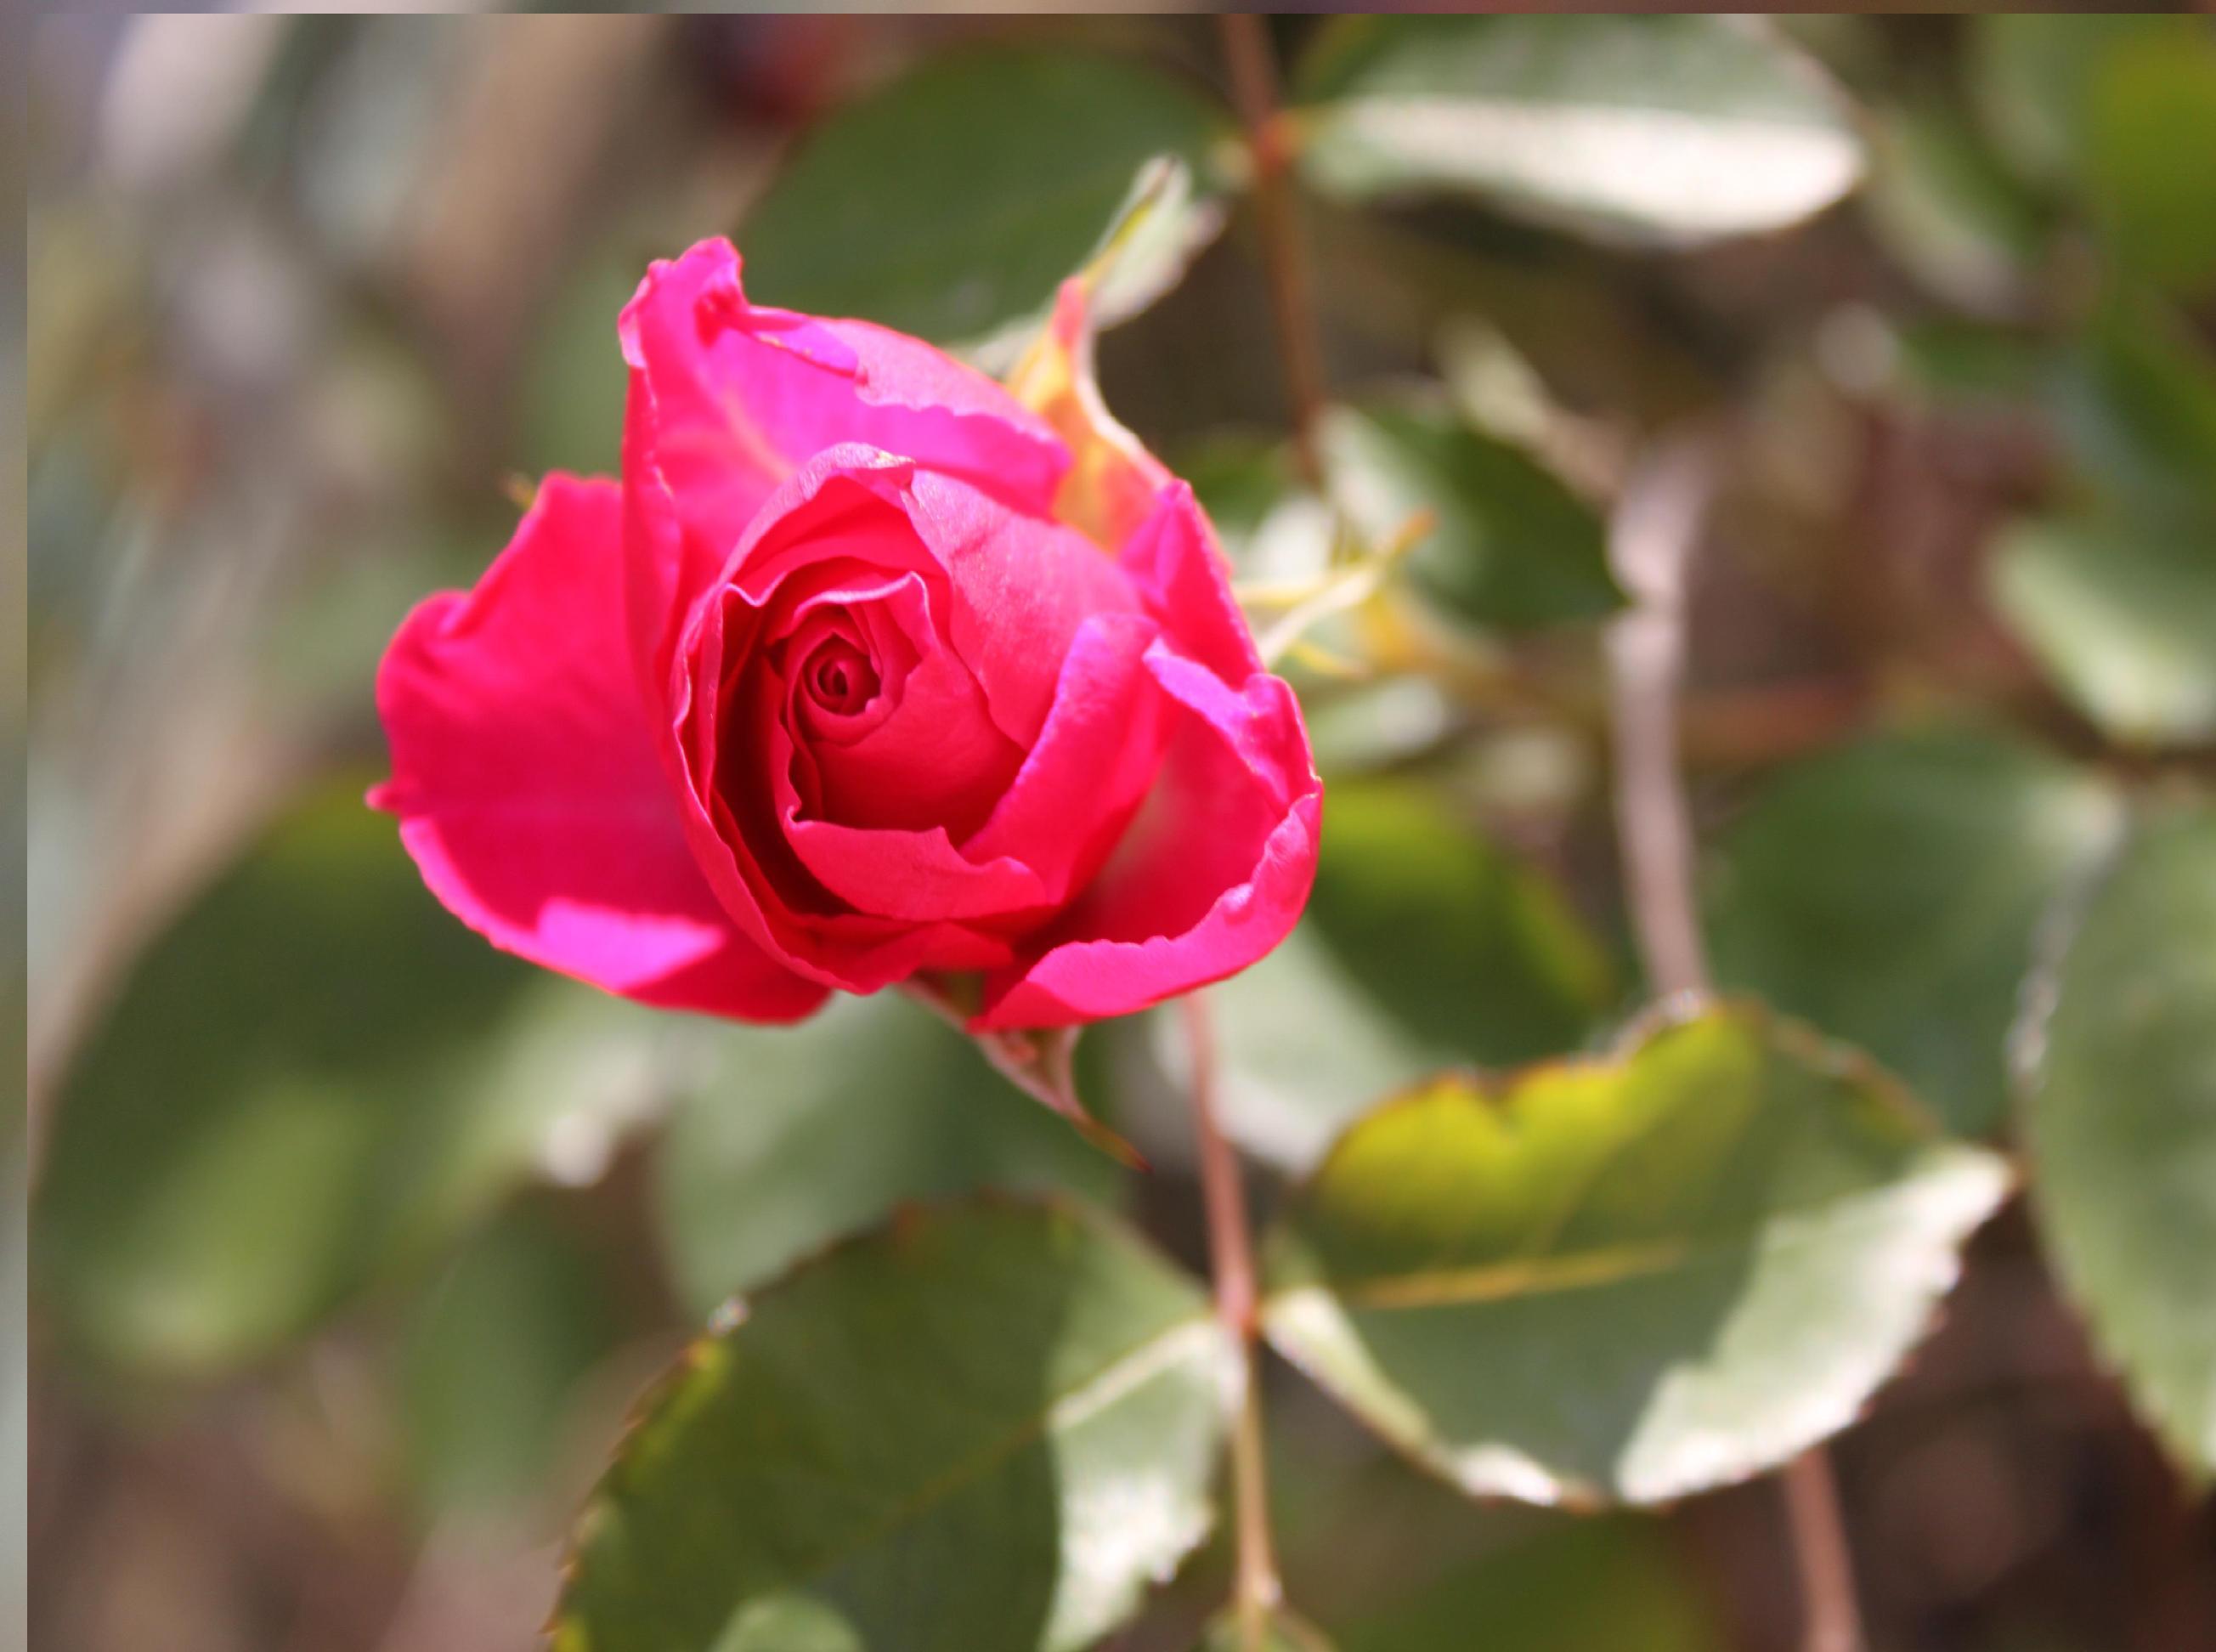 ピンクのミニバラが咲いてたよー。